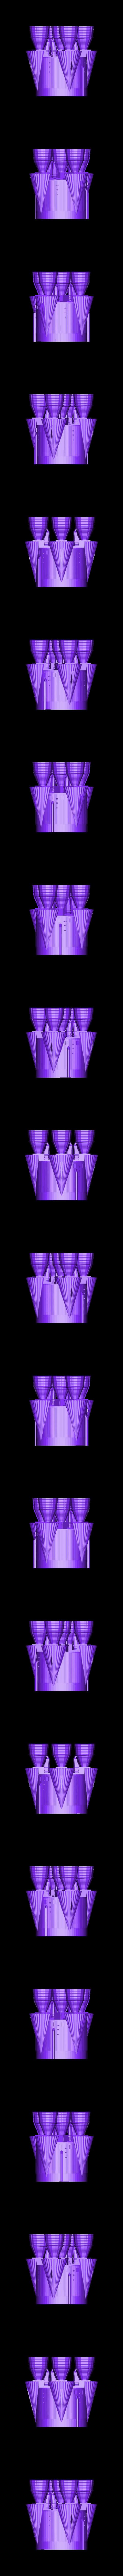 S-I bottom part b.stl Télécharger fichier STL gratuit Saturn V Rocket - Stage 1 • Objet pour imprimante 3D, spac3D